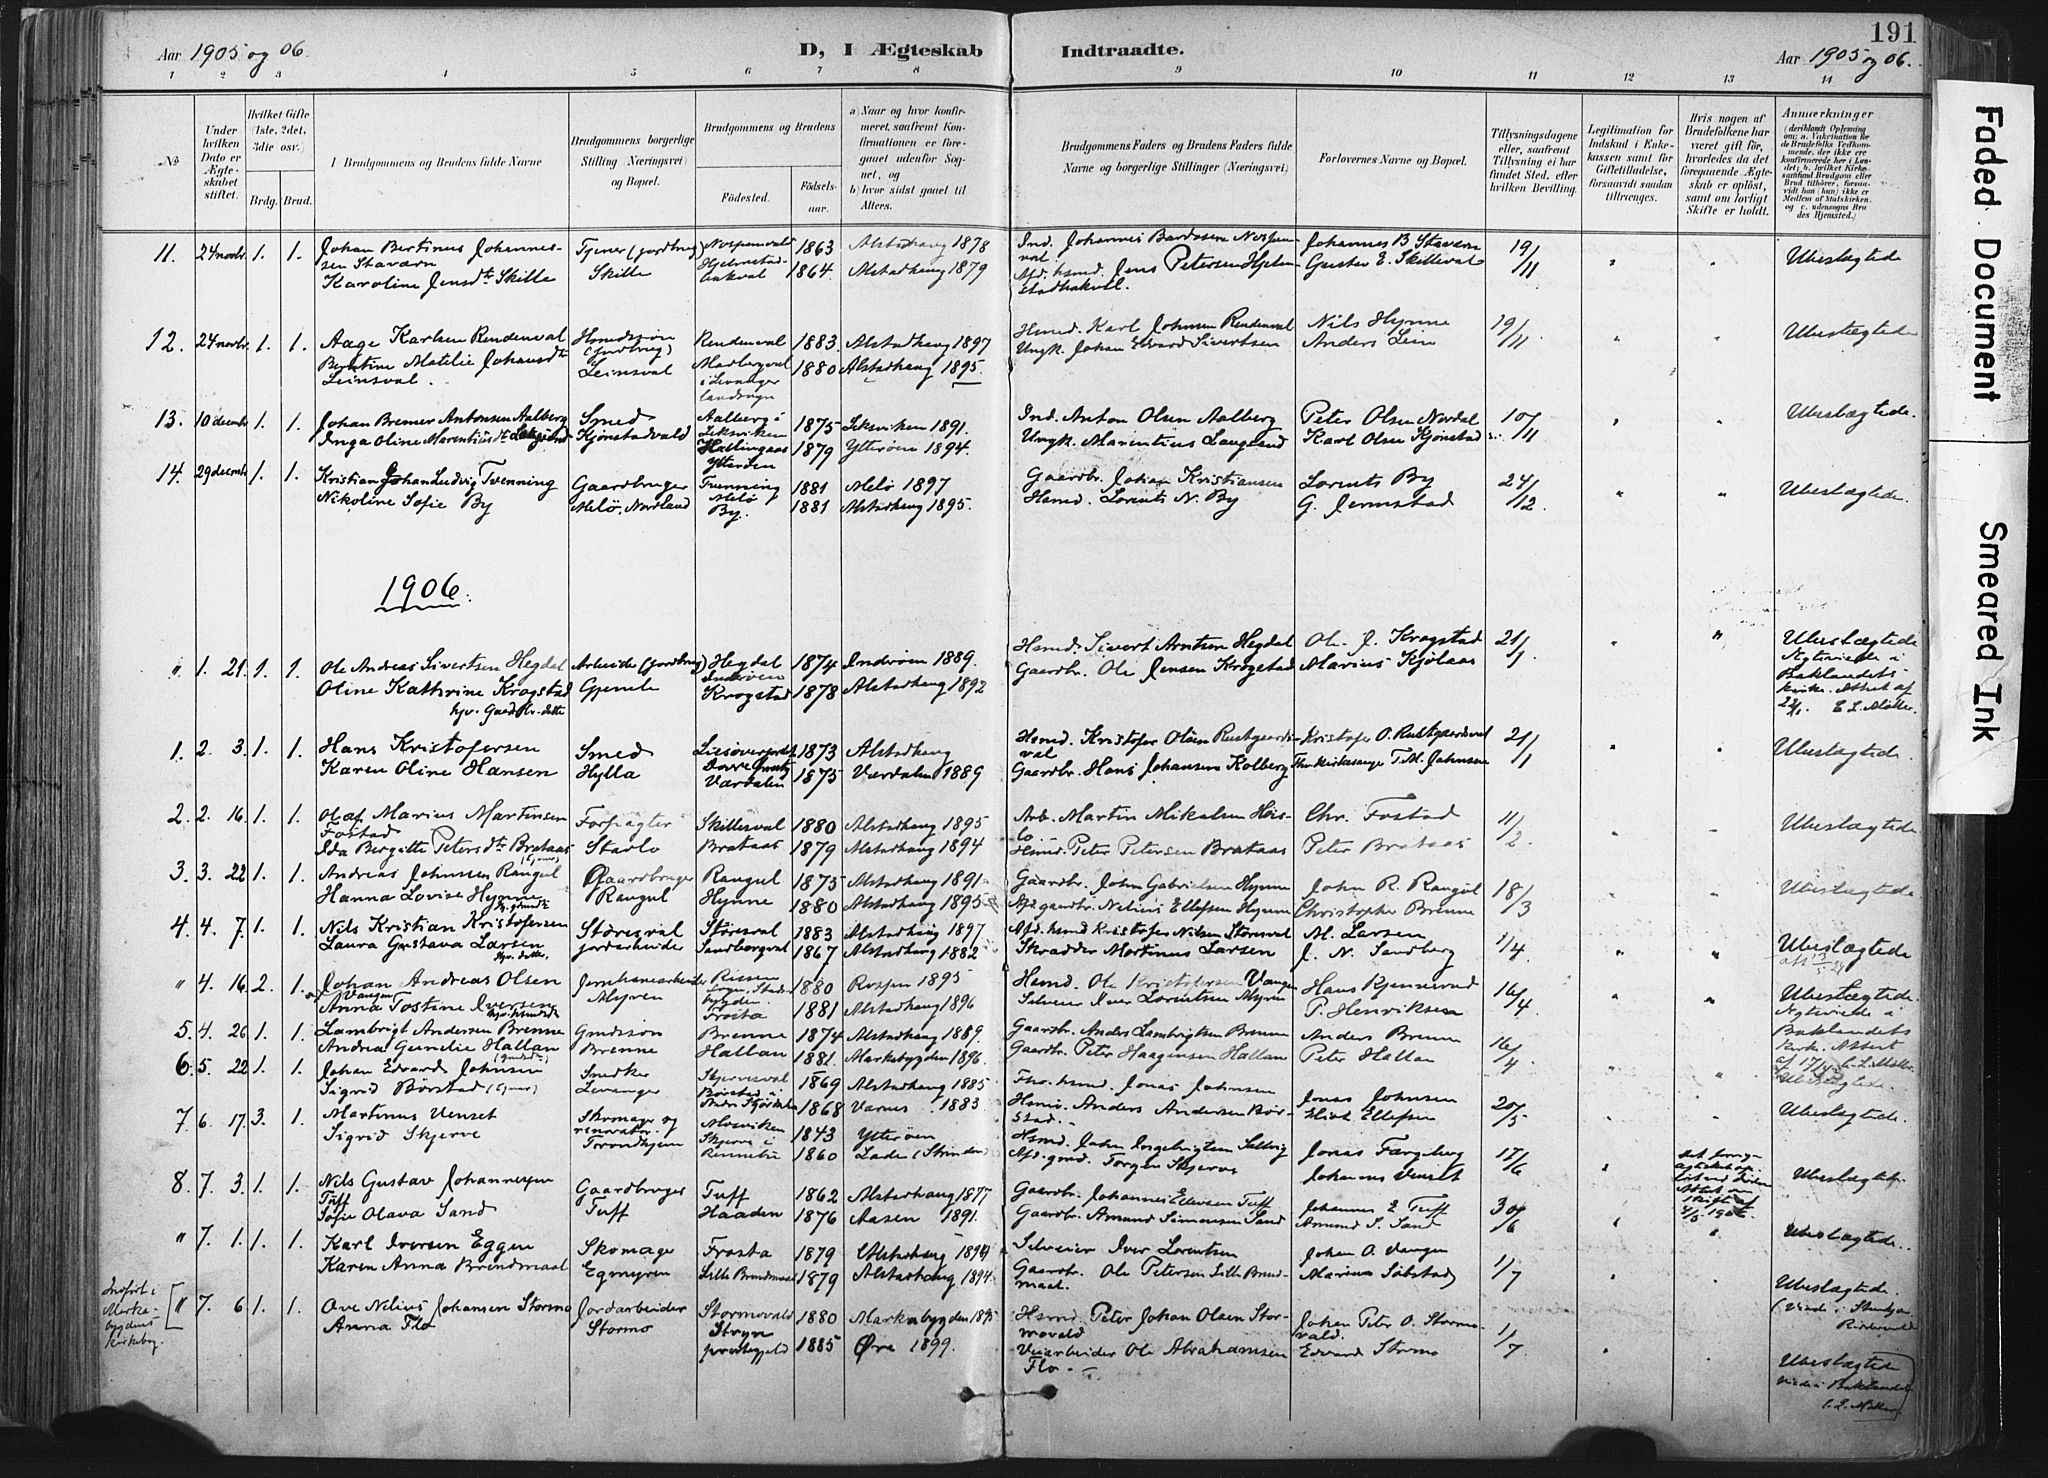 SAT, Ministerialprotokoller, klokkerbøker og fødselsregistre - Nord-Trøndelag, 717/L0162: Ministerialbok nr. 717A12, 1898-1923, s. 191